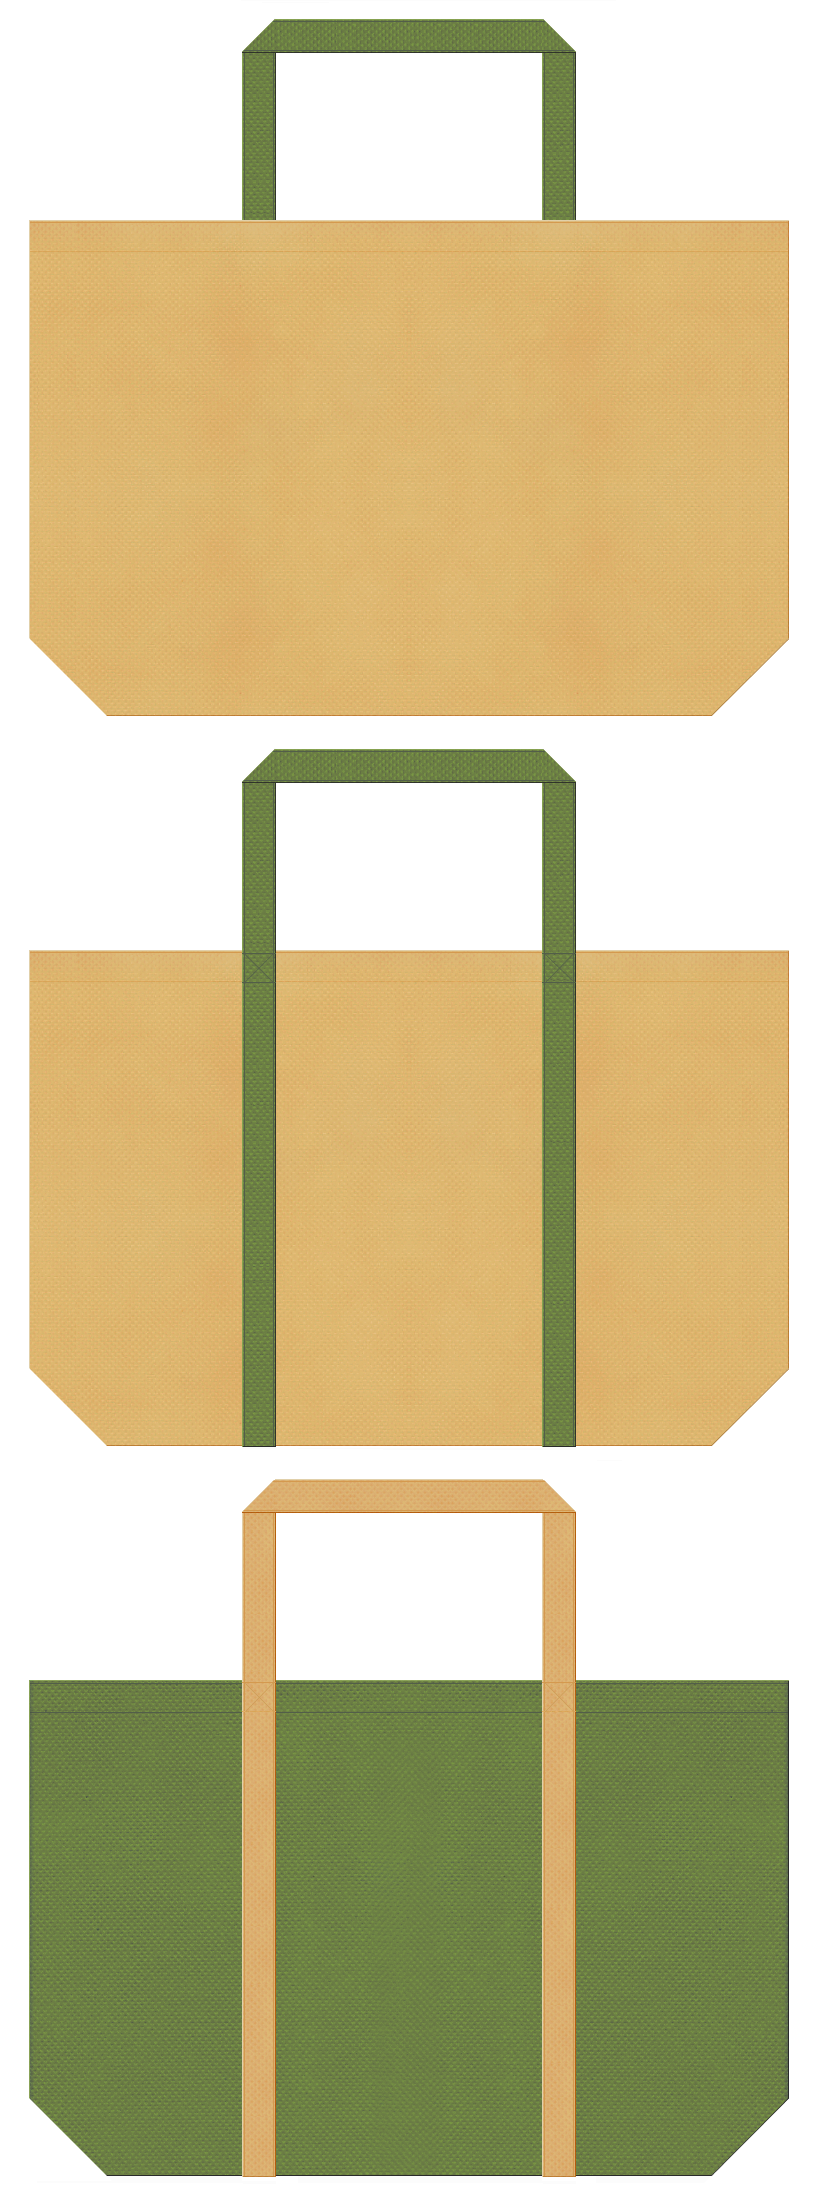 薄黄土色と草色の不織布バッグデザイン。檜風呂・茶室・畳・竹細工のイメージにお奨めの配色です。